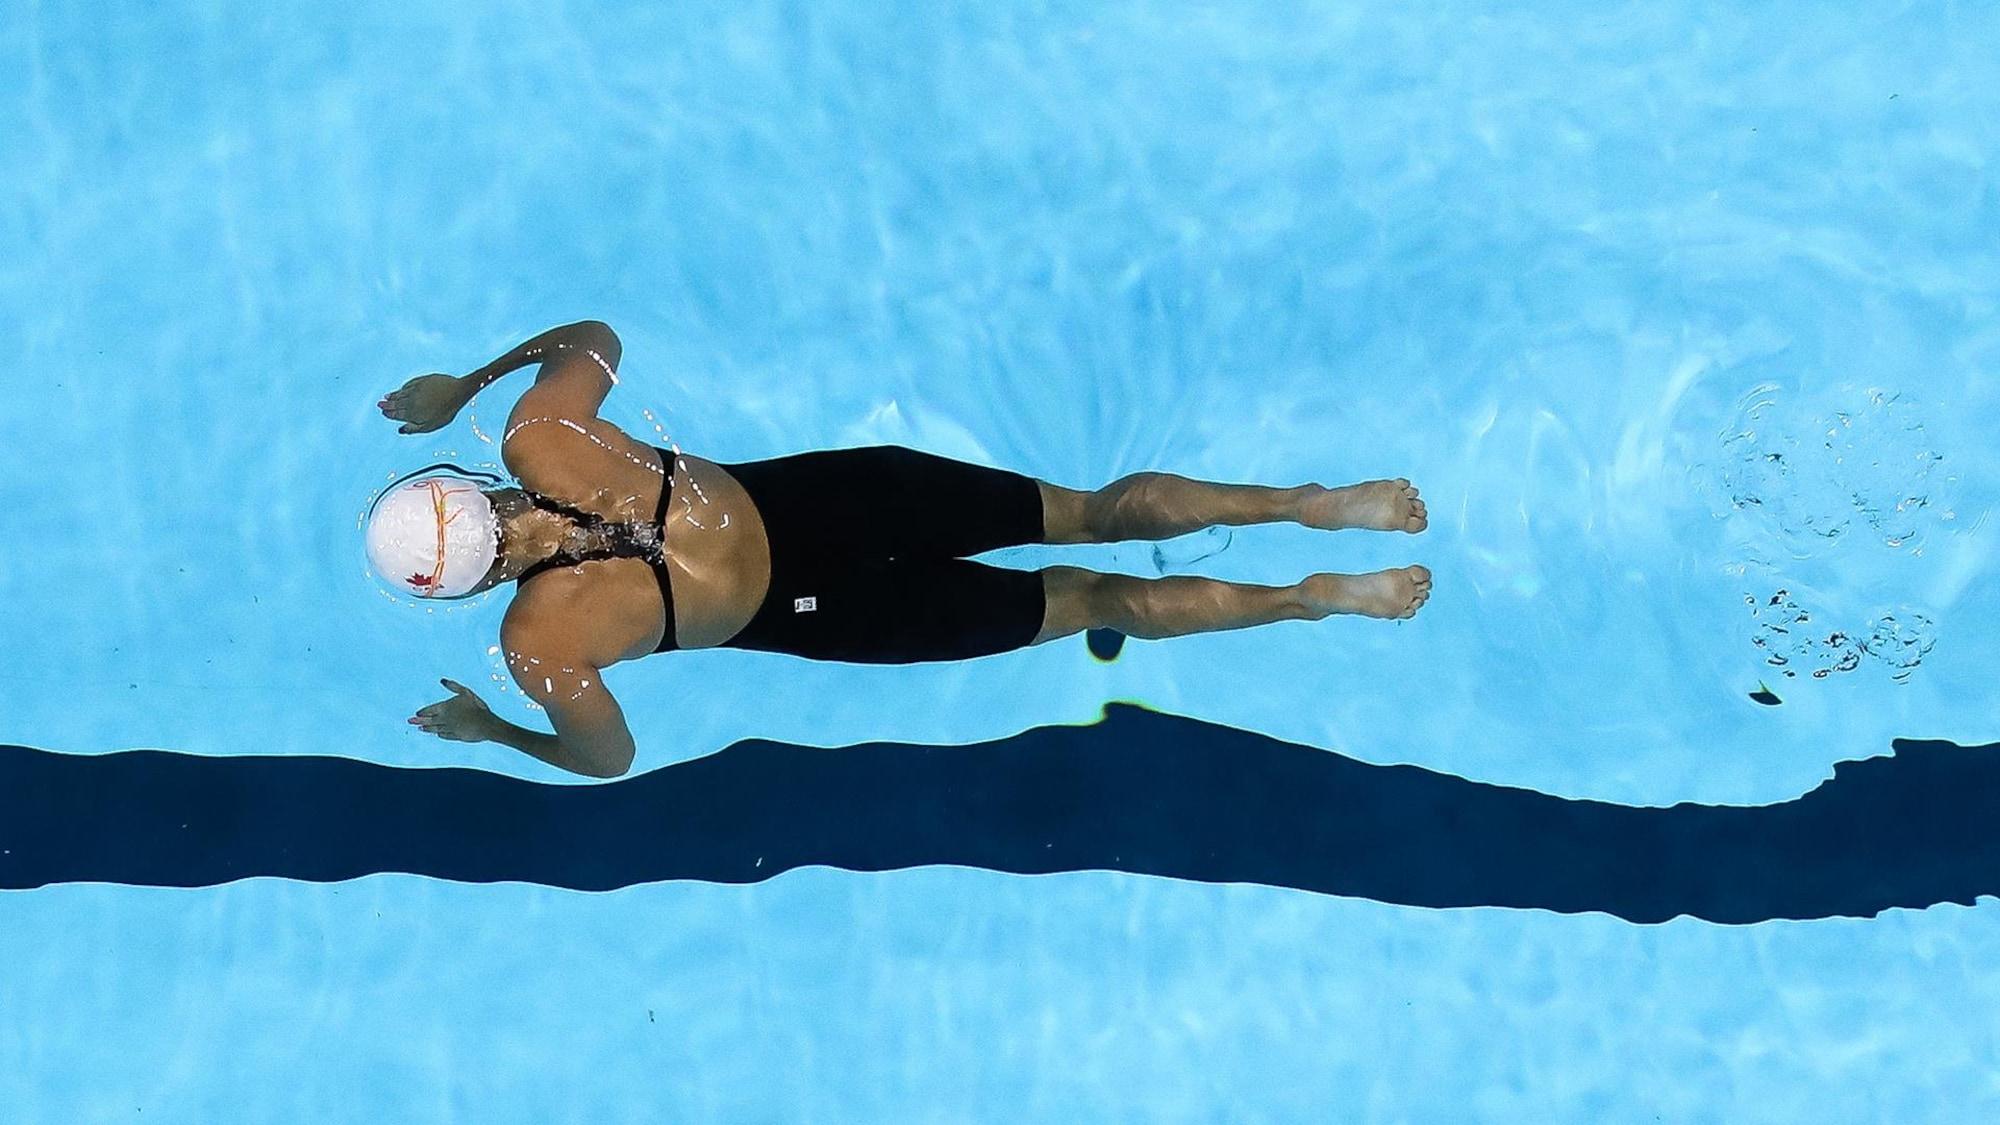 Une nageuse avance pendant une compétition.